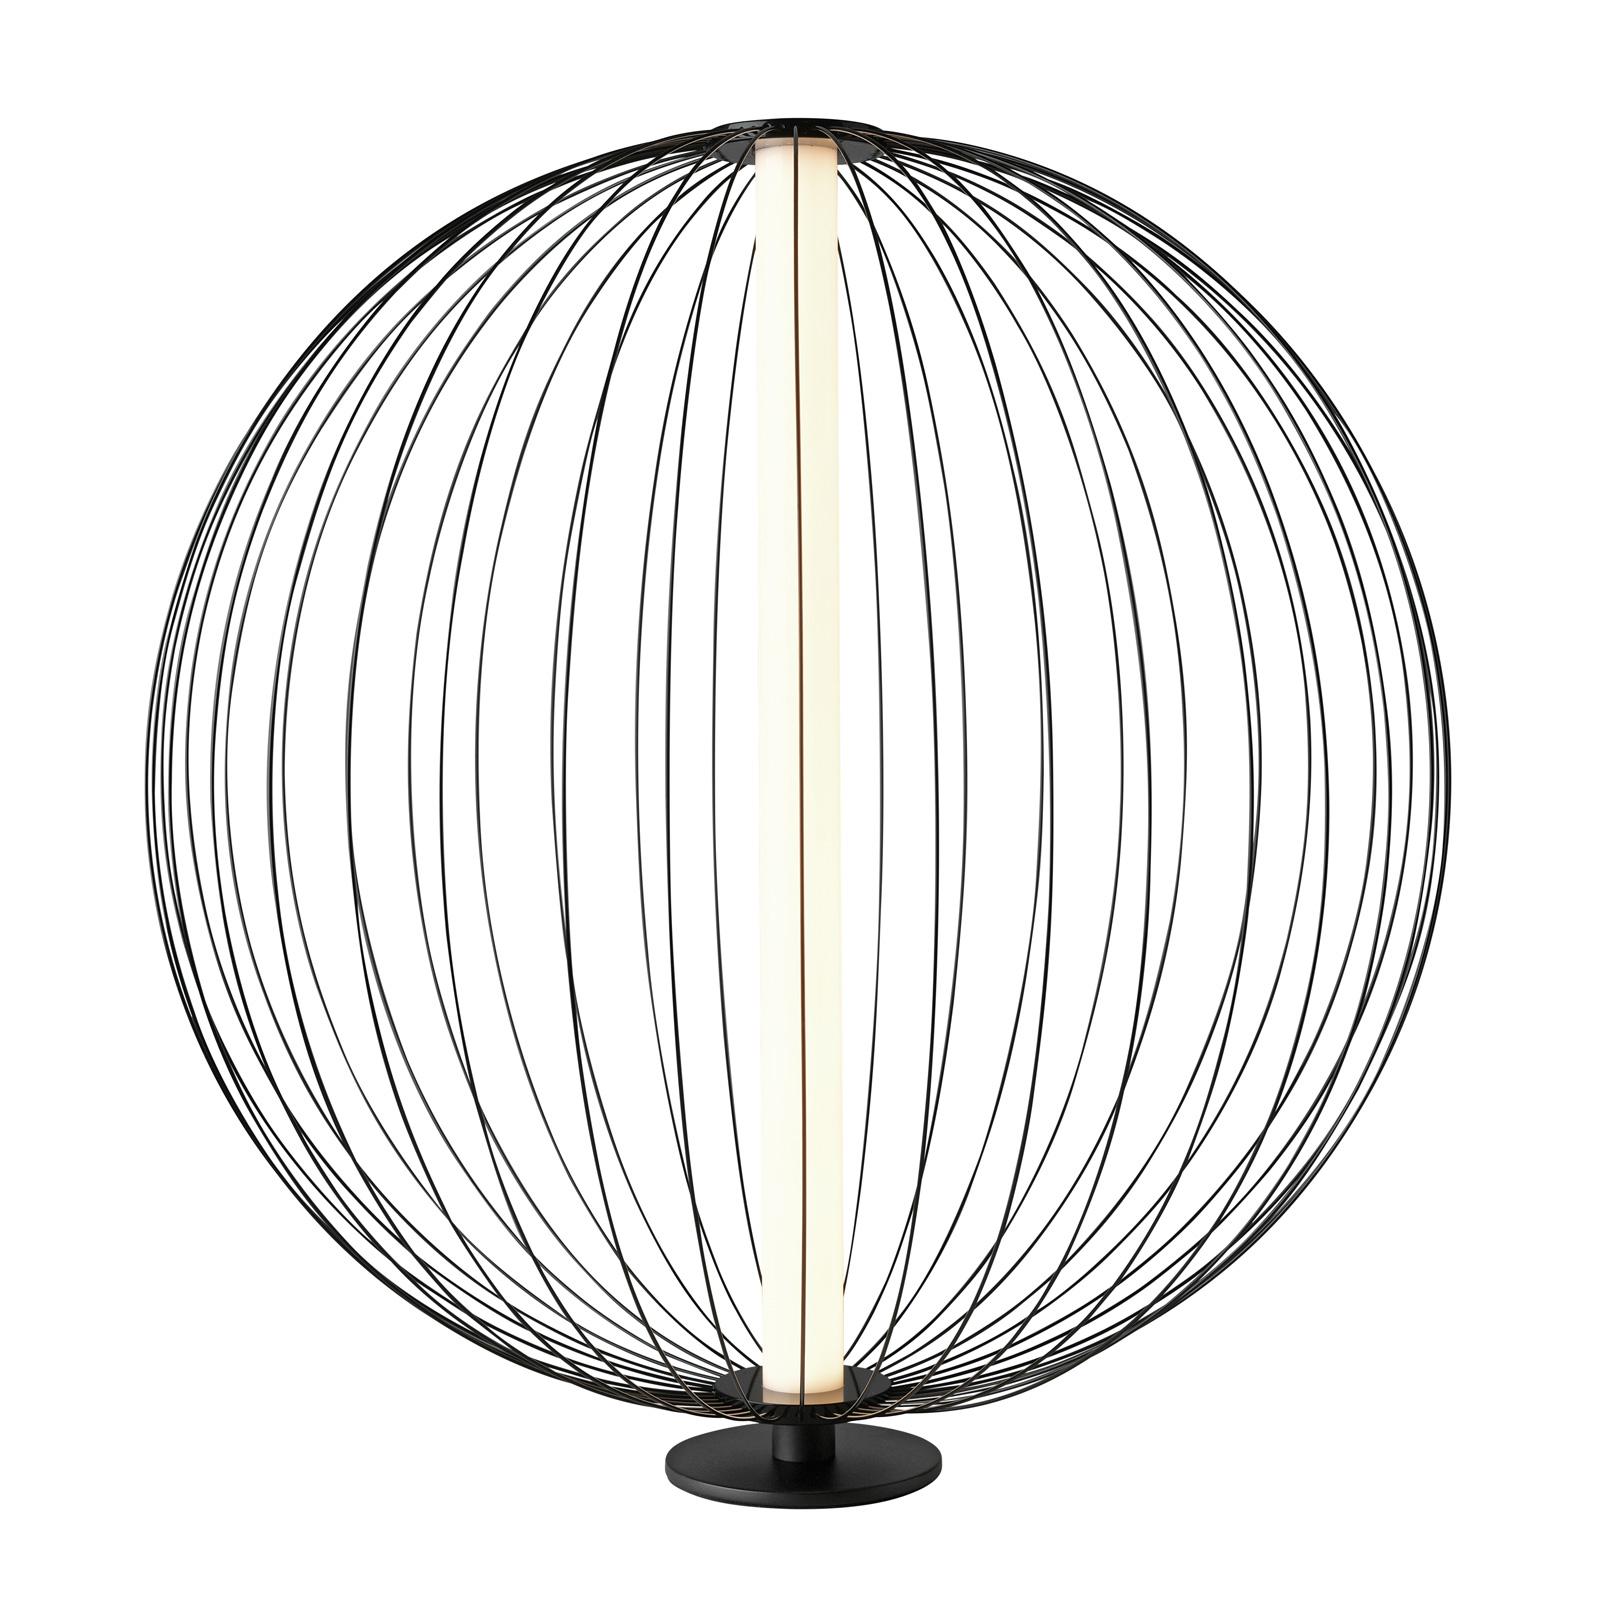 LED-pöytälamppu Atomic, muutettava varjostin